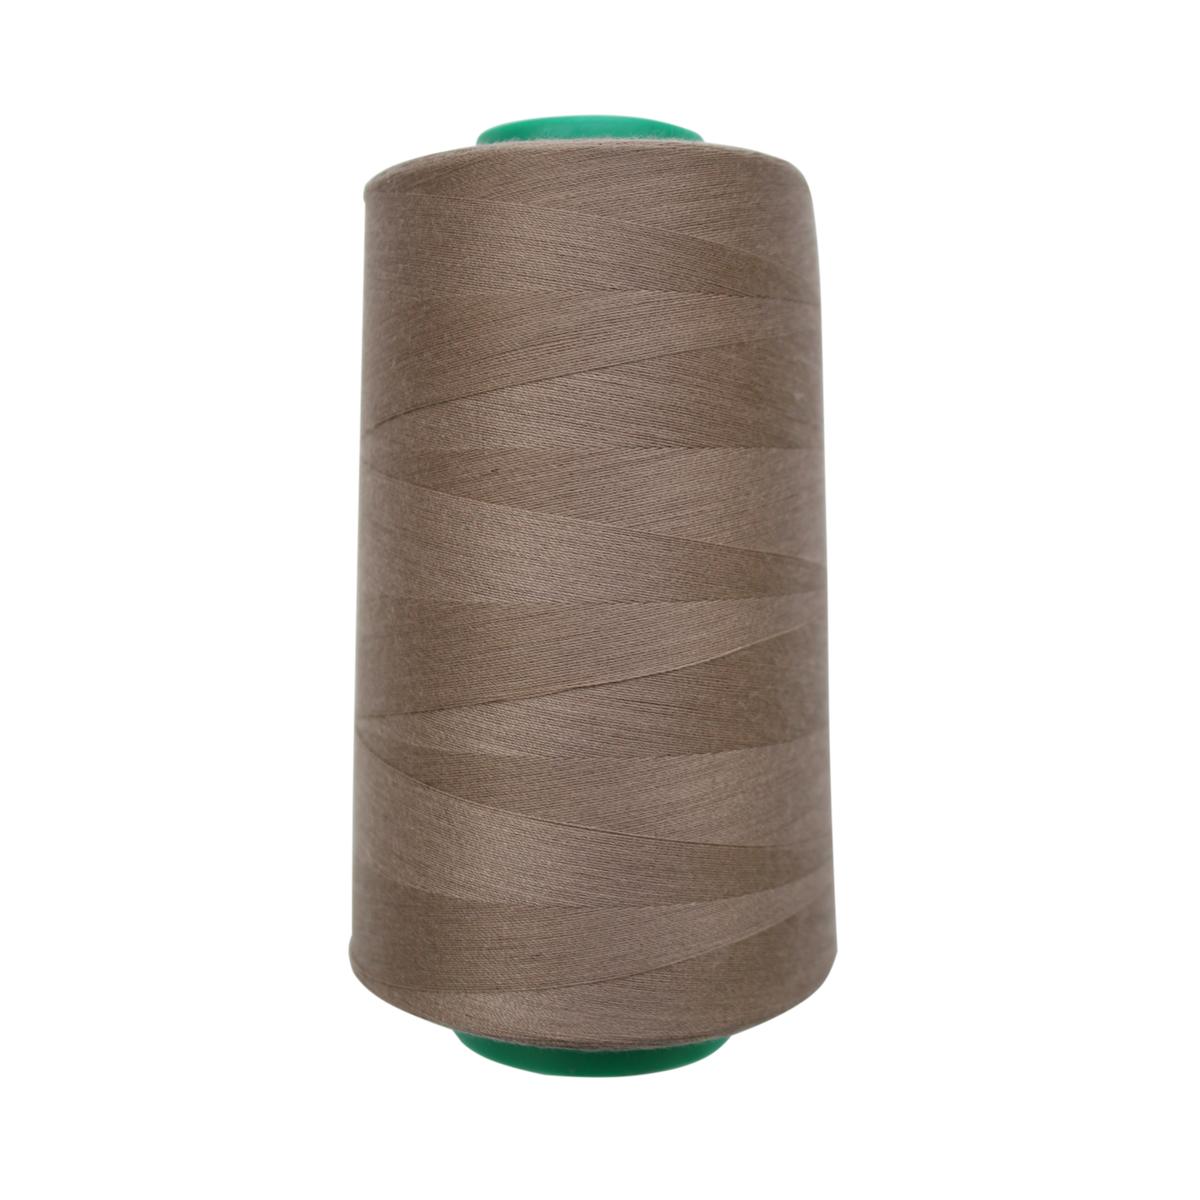 Нитки для шитья Bestex 50/2, 5000 ярд, цвет: коричневый.дым (175)7700936-175Сфера использования: трикотаж; ткани малого веса; оверлочные швы; отделка краев; вышивка. Размер игл №70-80